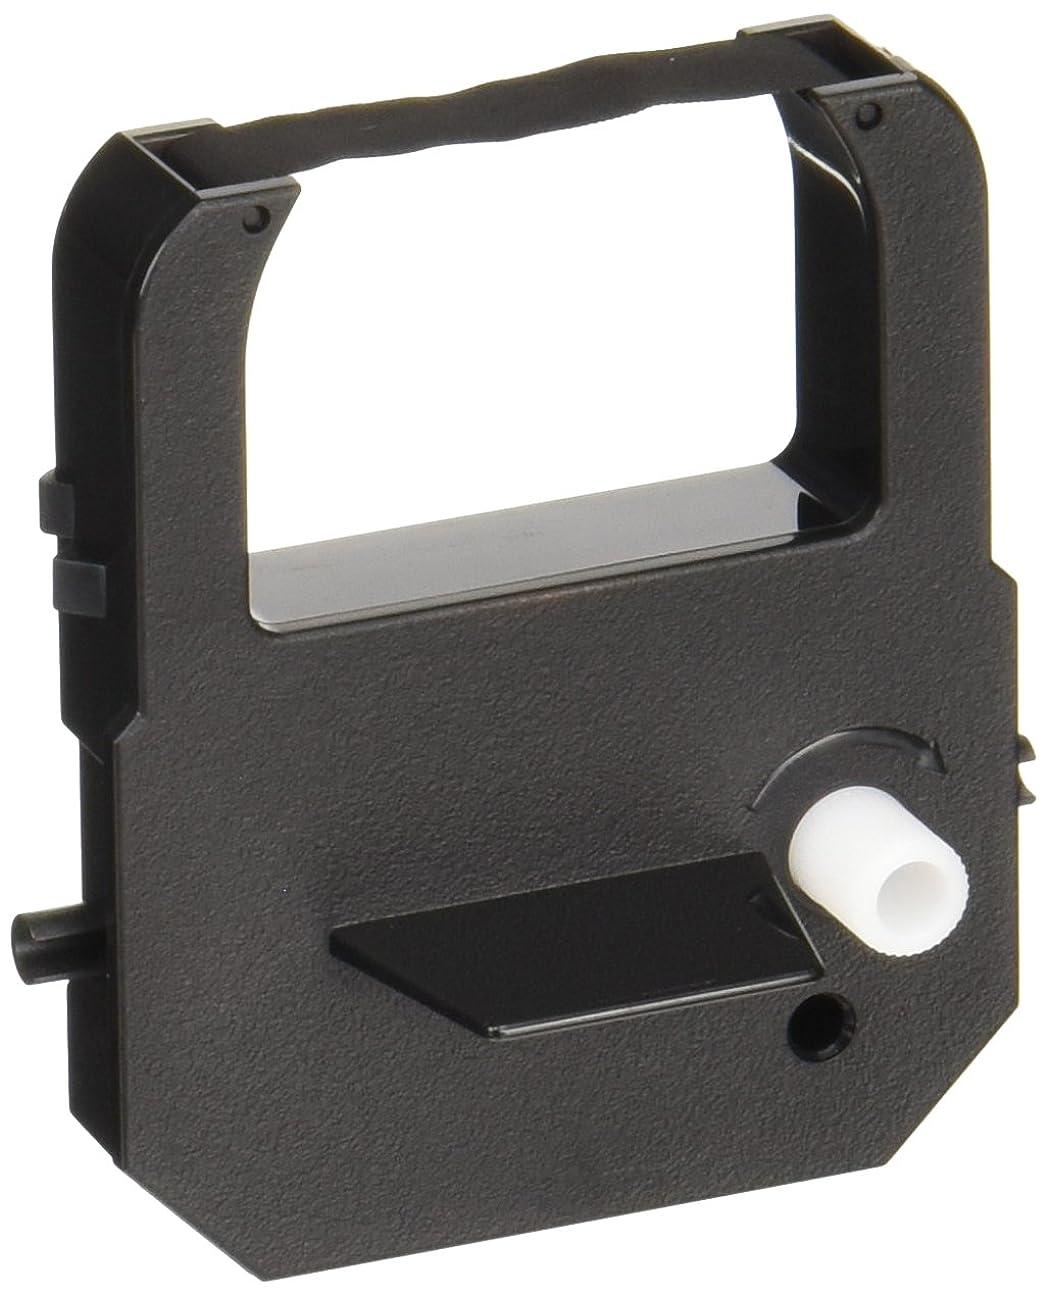 動作テセウス一次セイコーソリューションズ インクリボンカセット セイコー TP-1051SB (黒)